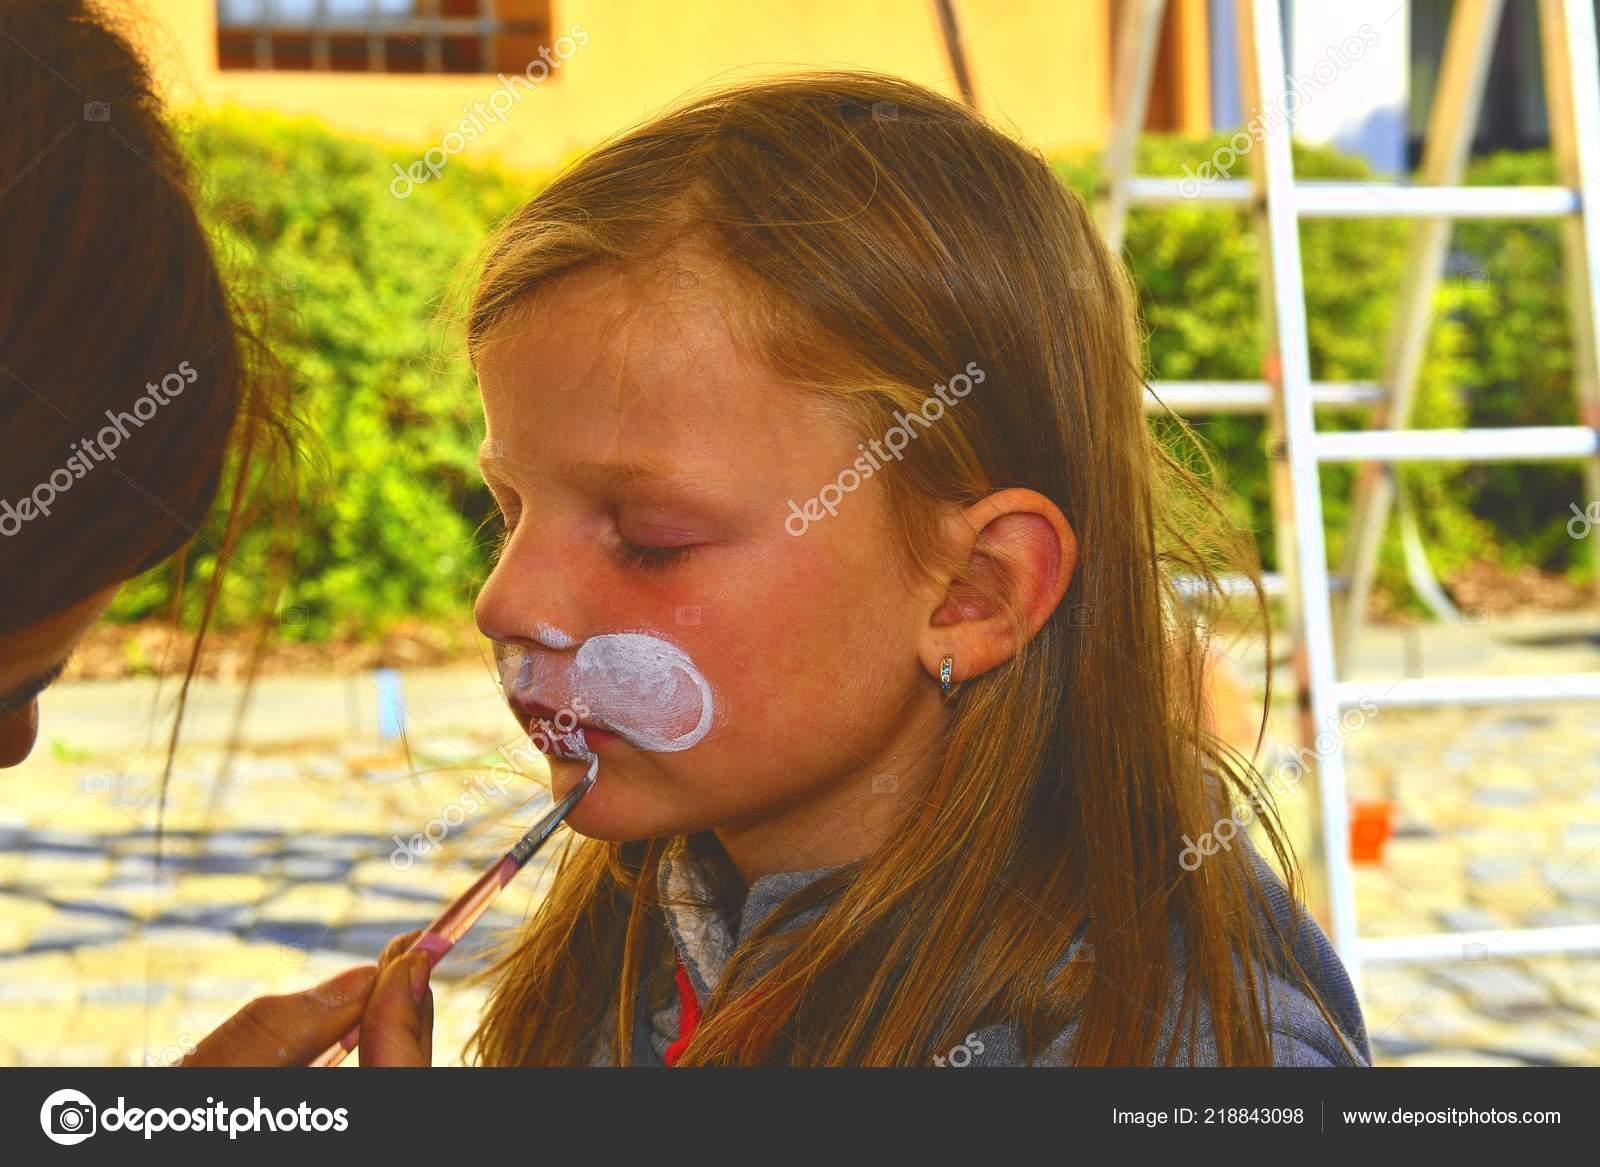 Kadın Resim Yüzü Açık Havada Bir çocuk Yüz Boyama Nasıl Stok Foto